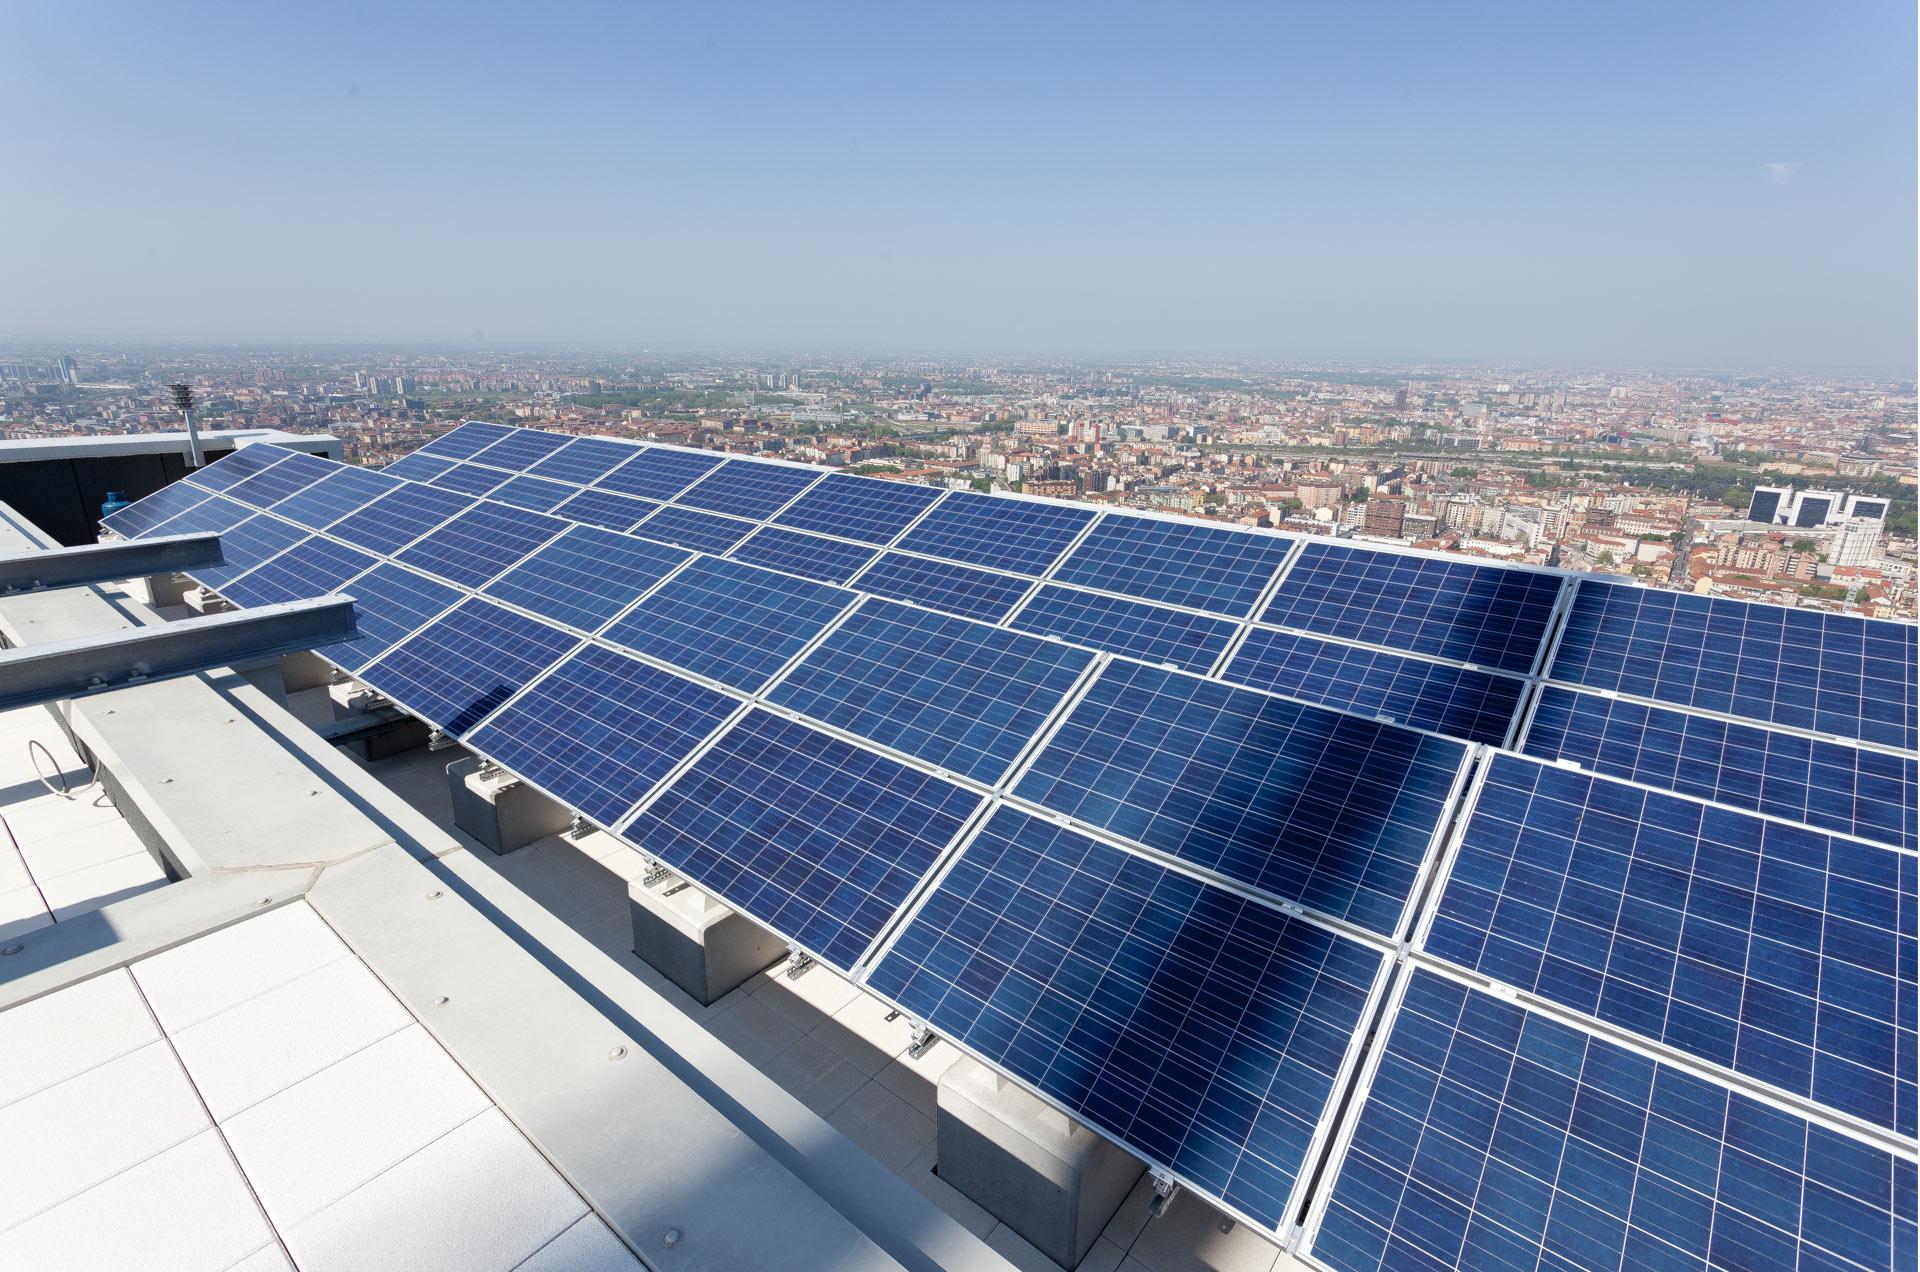 tetto torre isozaky, pannelli solari, © luigi tremolada